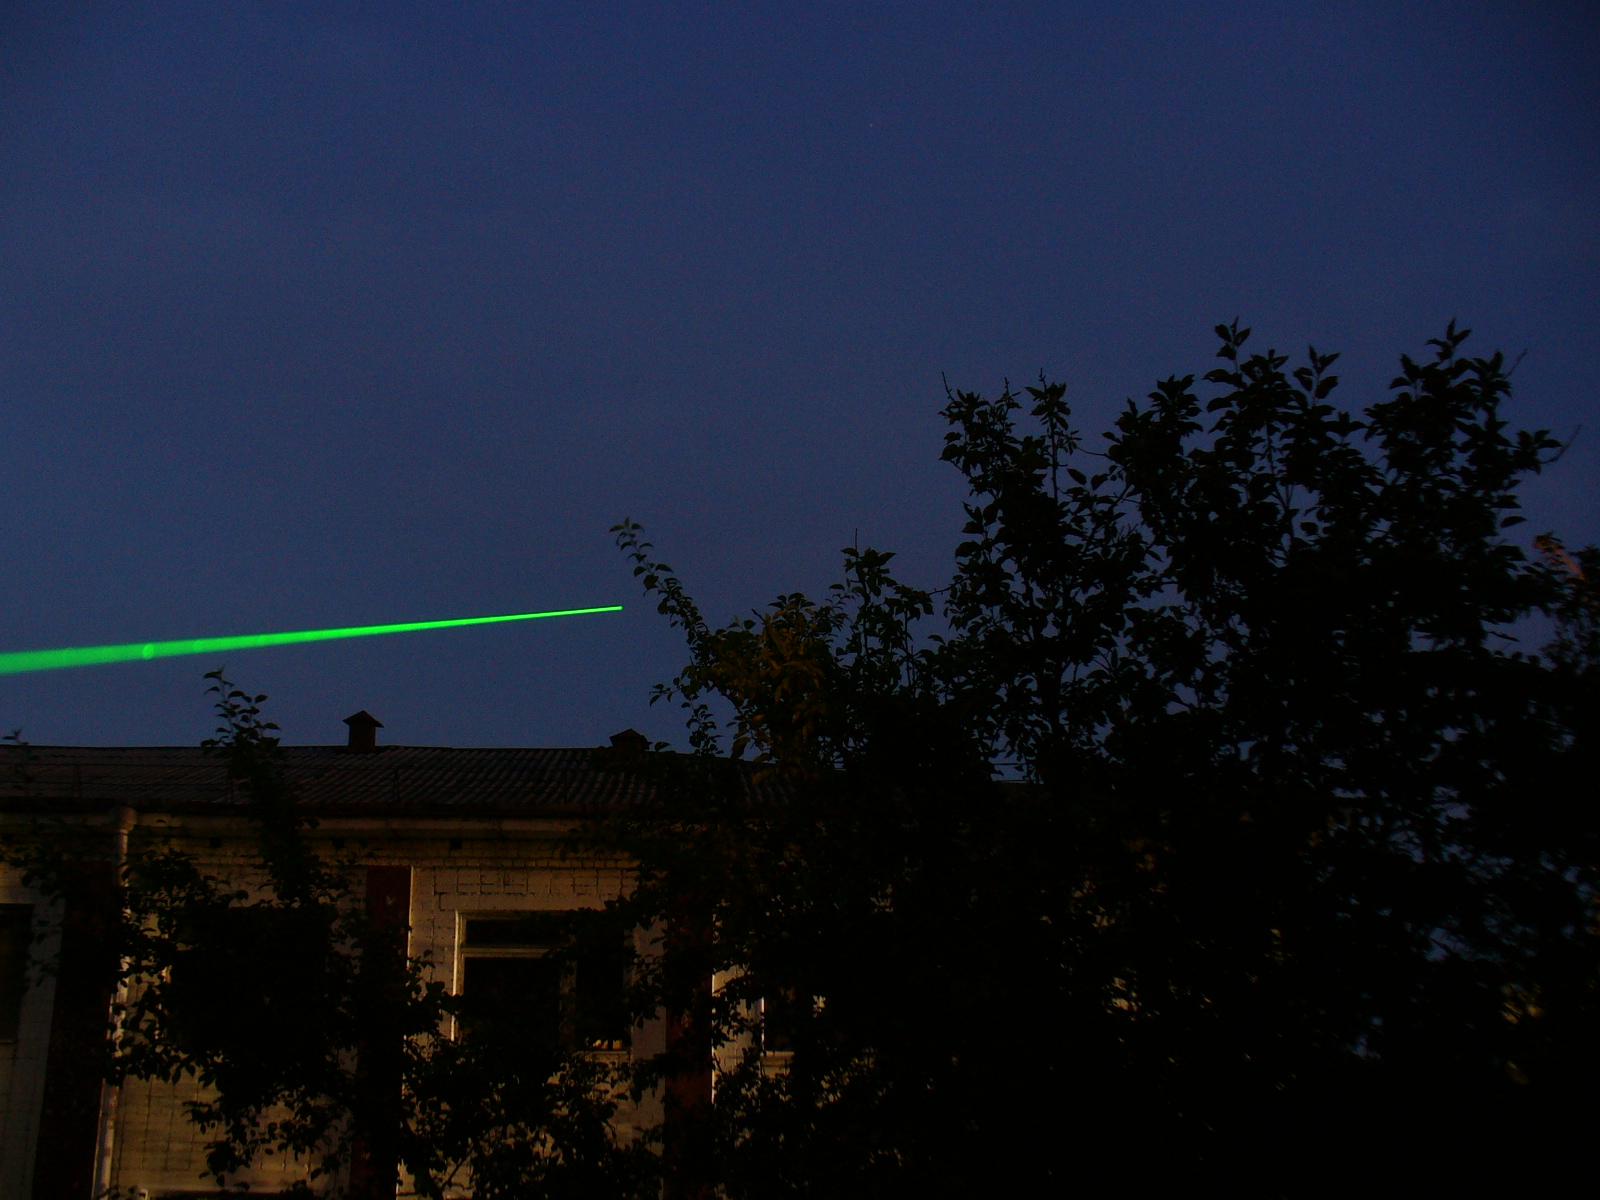 схема генератора накачки зеленой лазерной указки